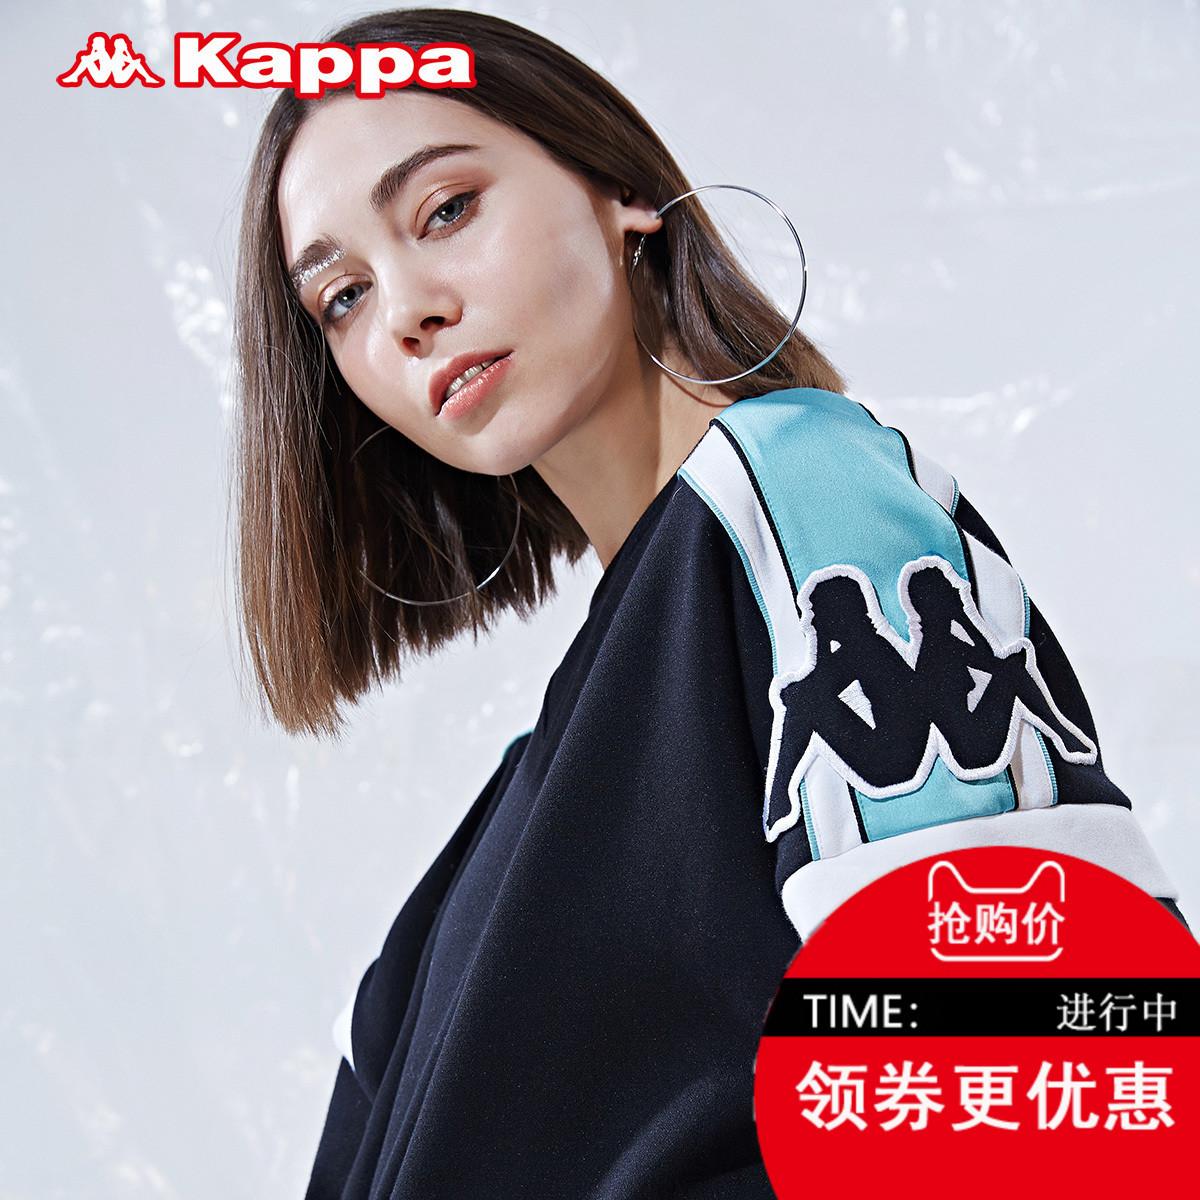 卡帕-BANDA联名款女卫衣运动衣 串标休闲上衣运动服K0822WT50